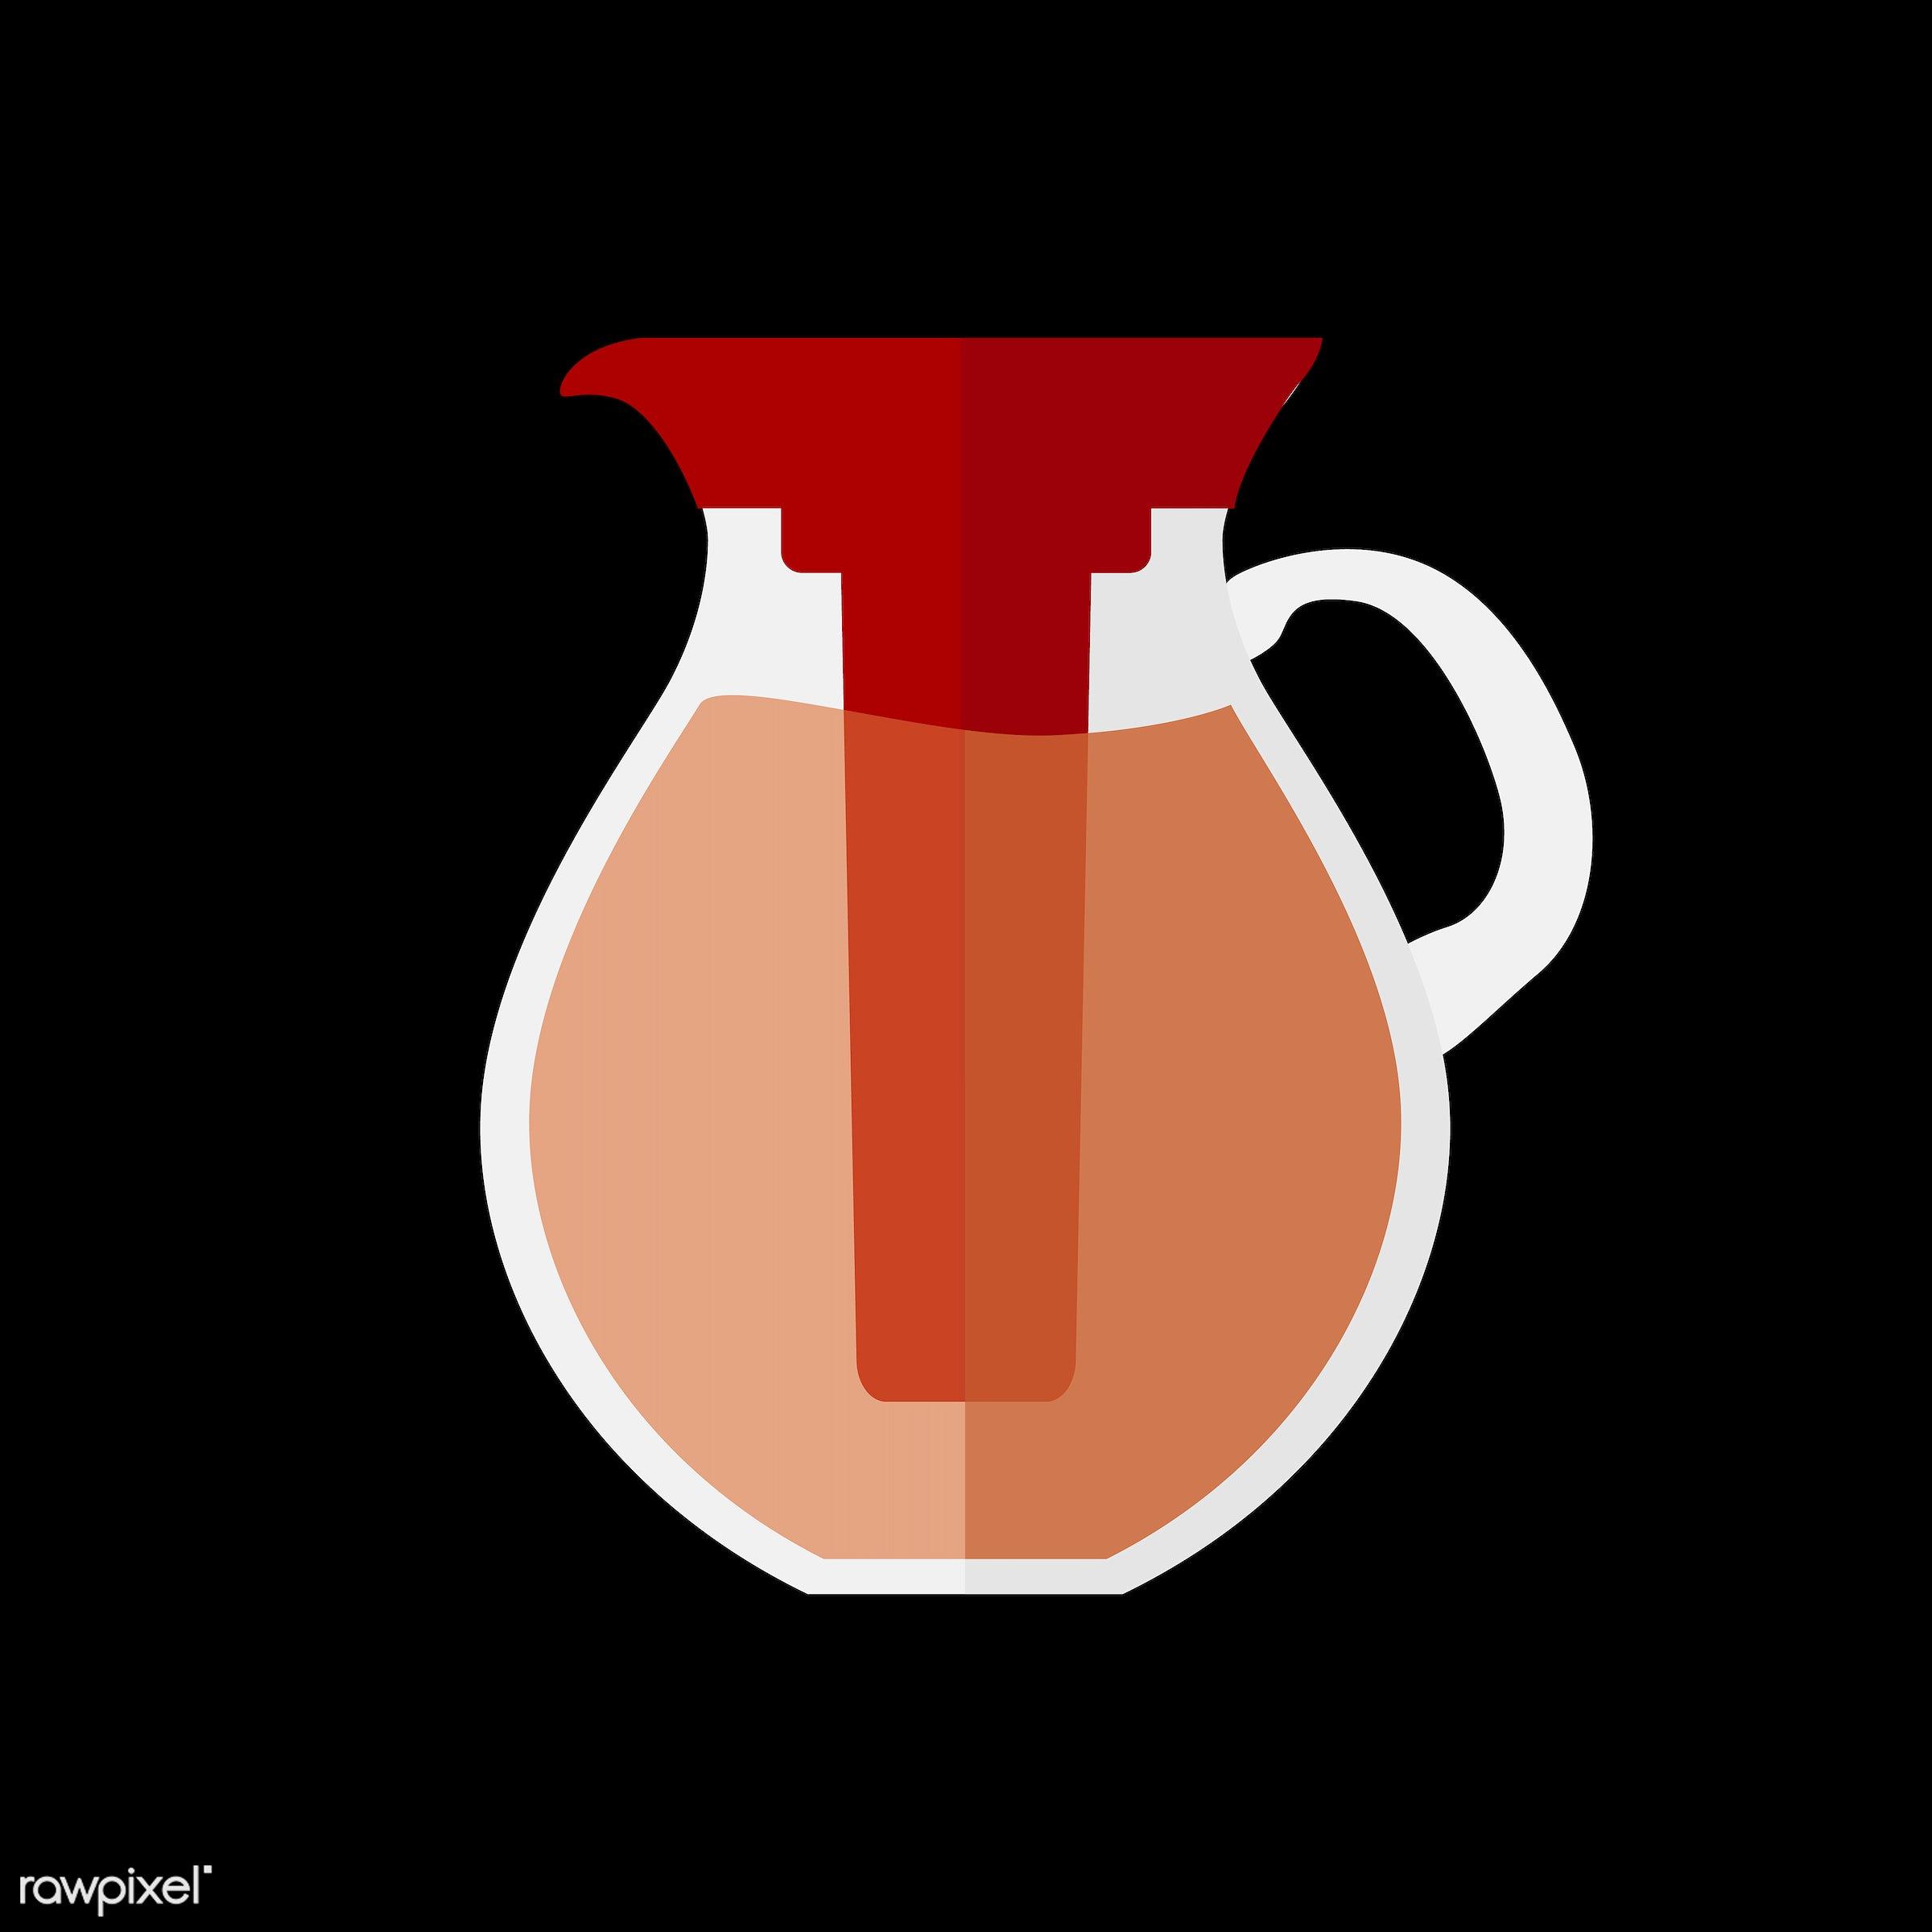 vector, graphic, illustration, icon, symbol, colorful, cute, drink, beverage, water, tea, jug, orange